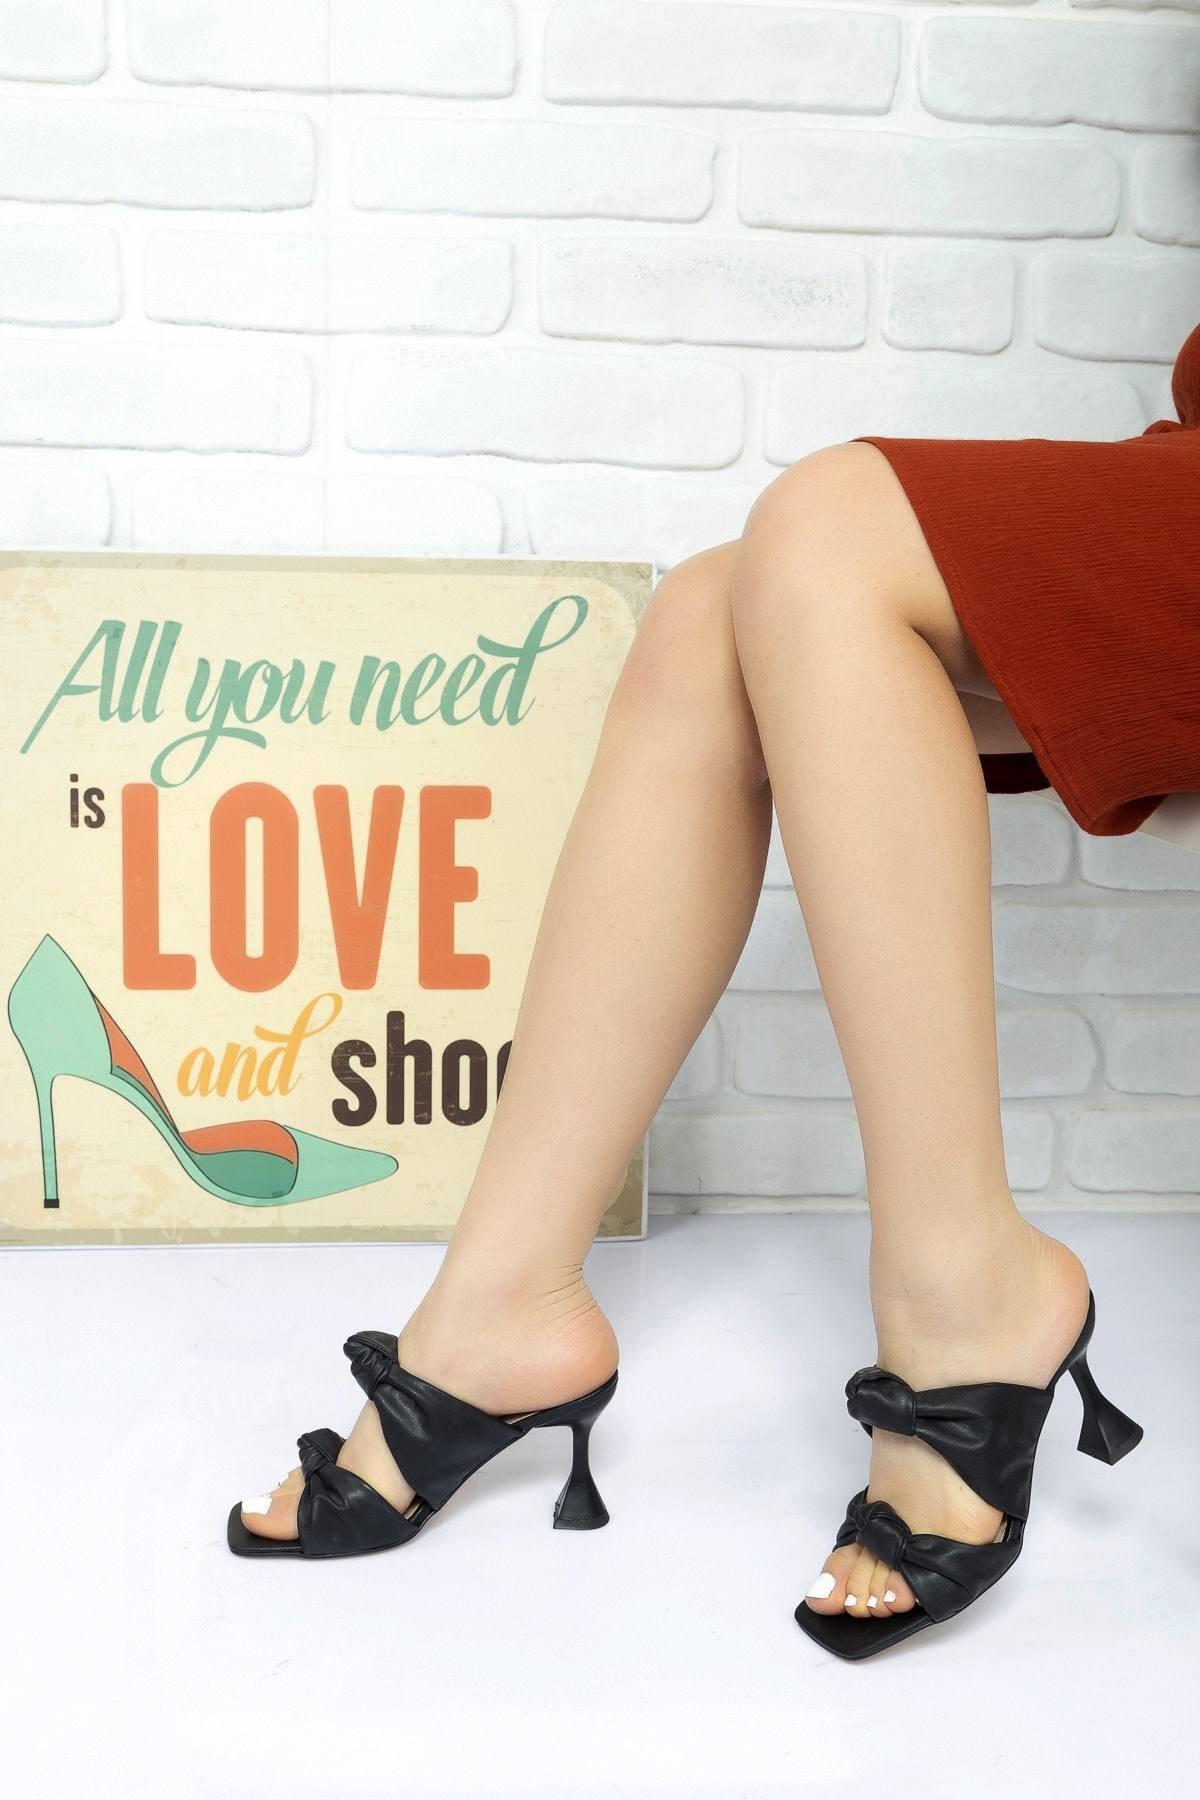 Lara Ayakkabı Kadın Siyah Düğüm Bantlı Topuklu Terlik 1